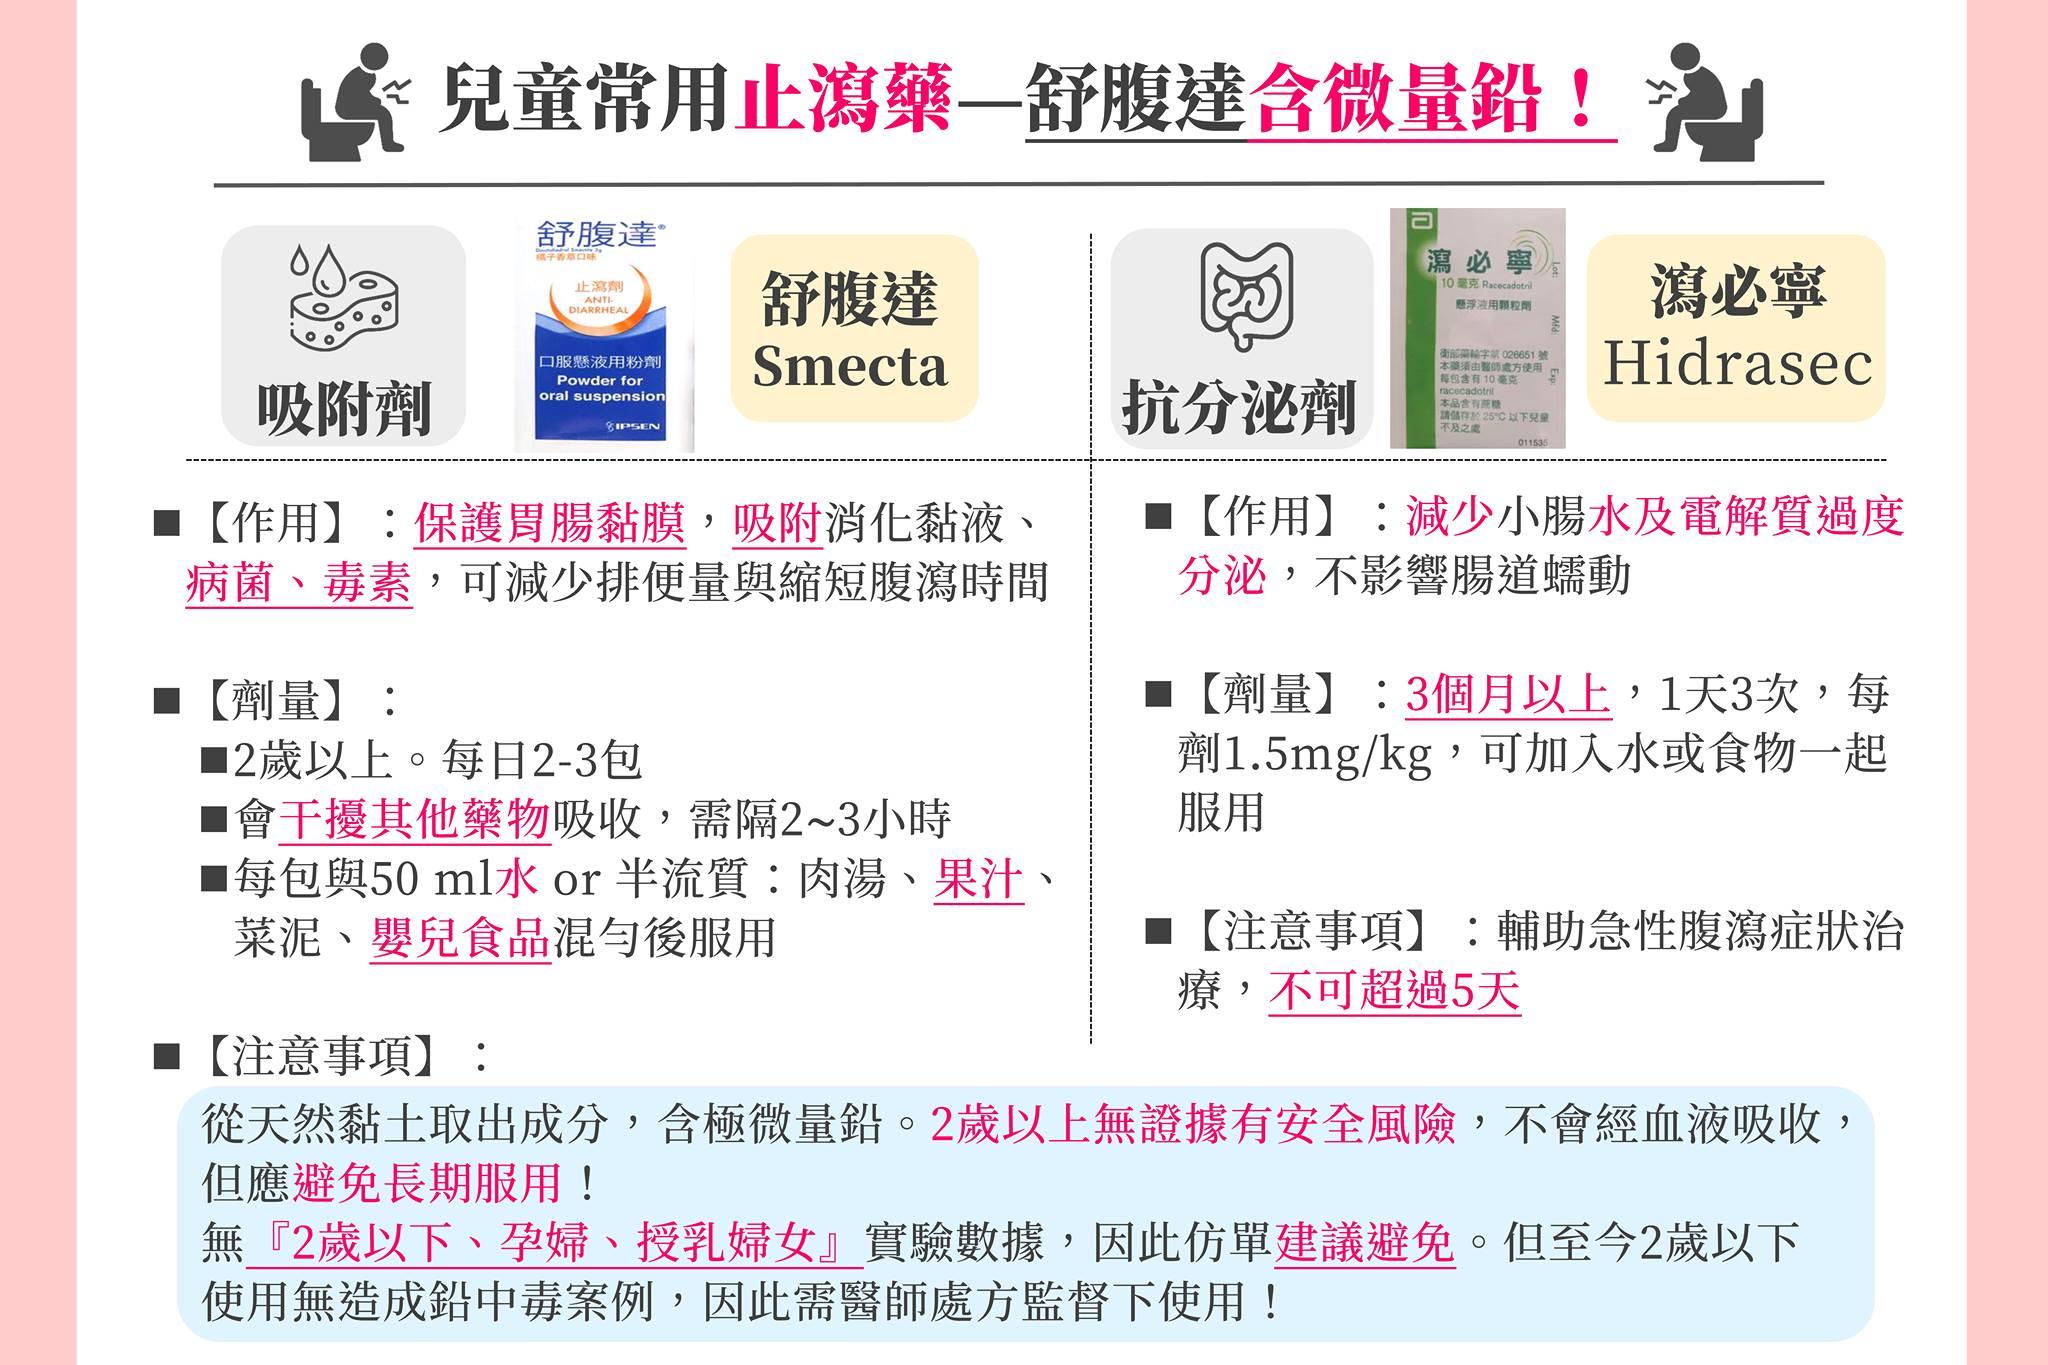 治療兒童腸胃炎,兩款常用止瀉藥注意事項